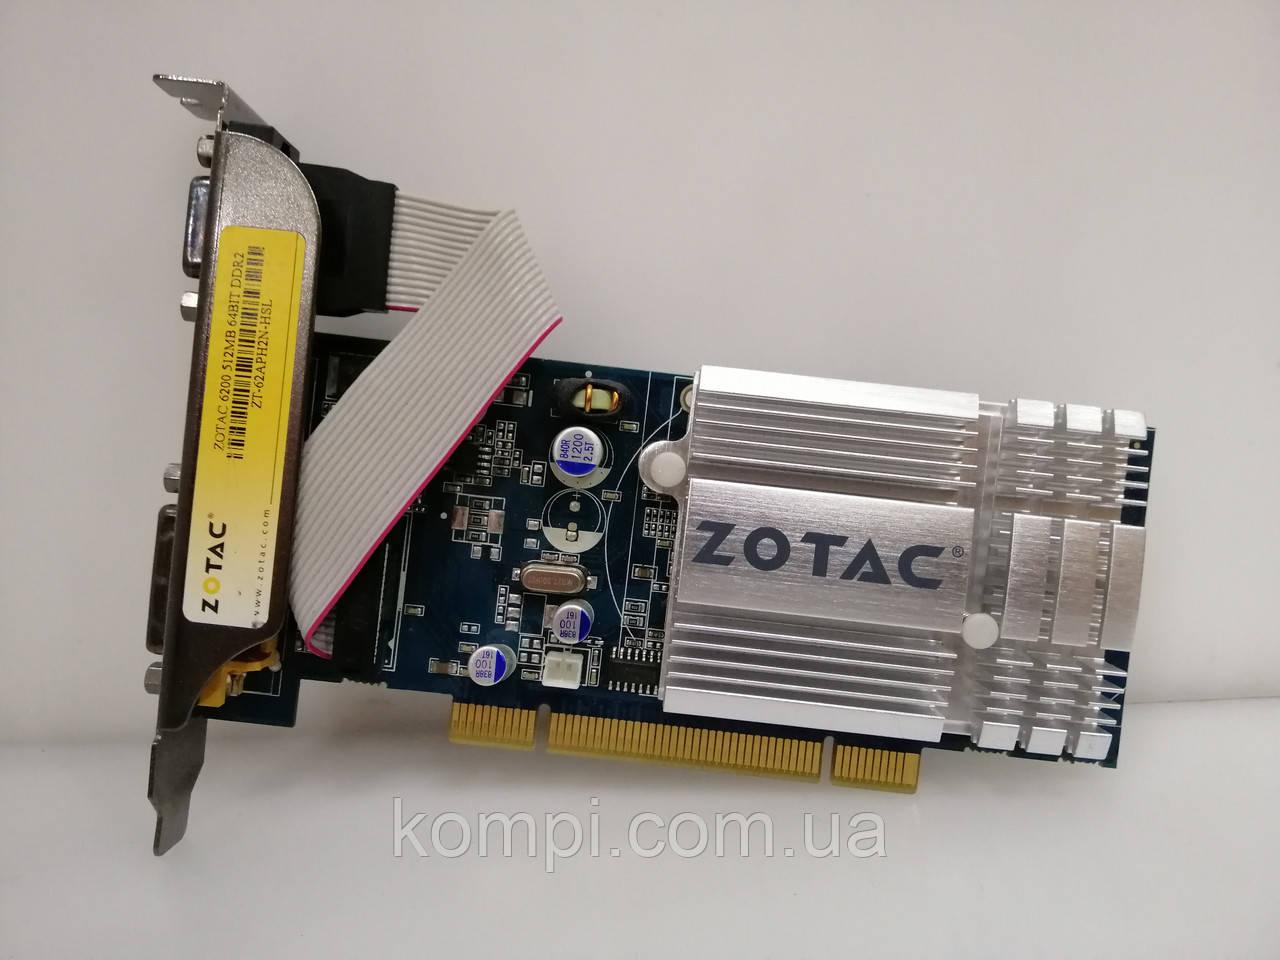 Видеокарта NVIDIA Zotac 6200 512 MB PCI